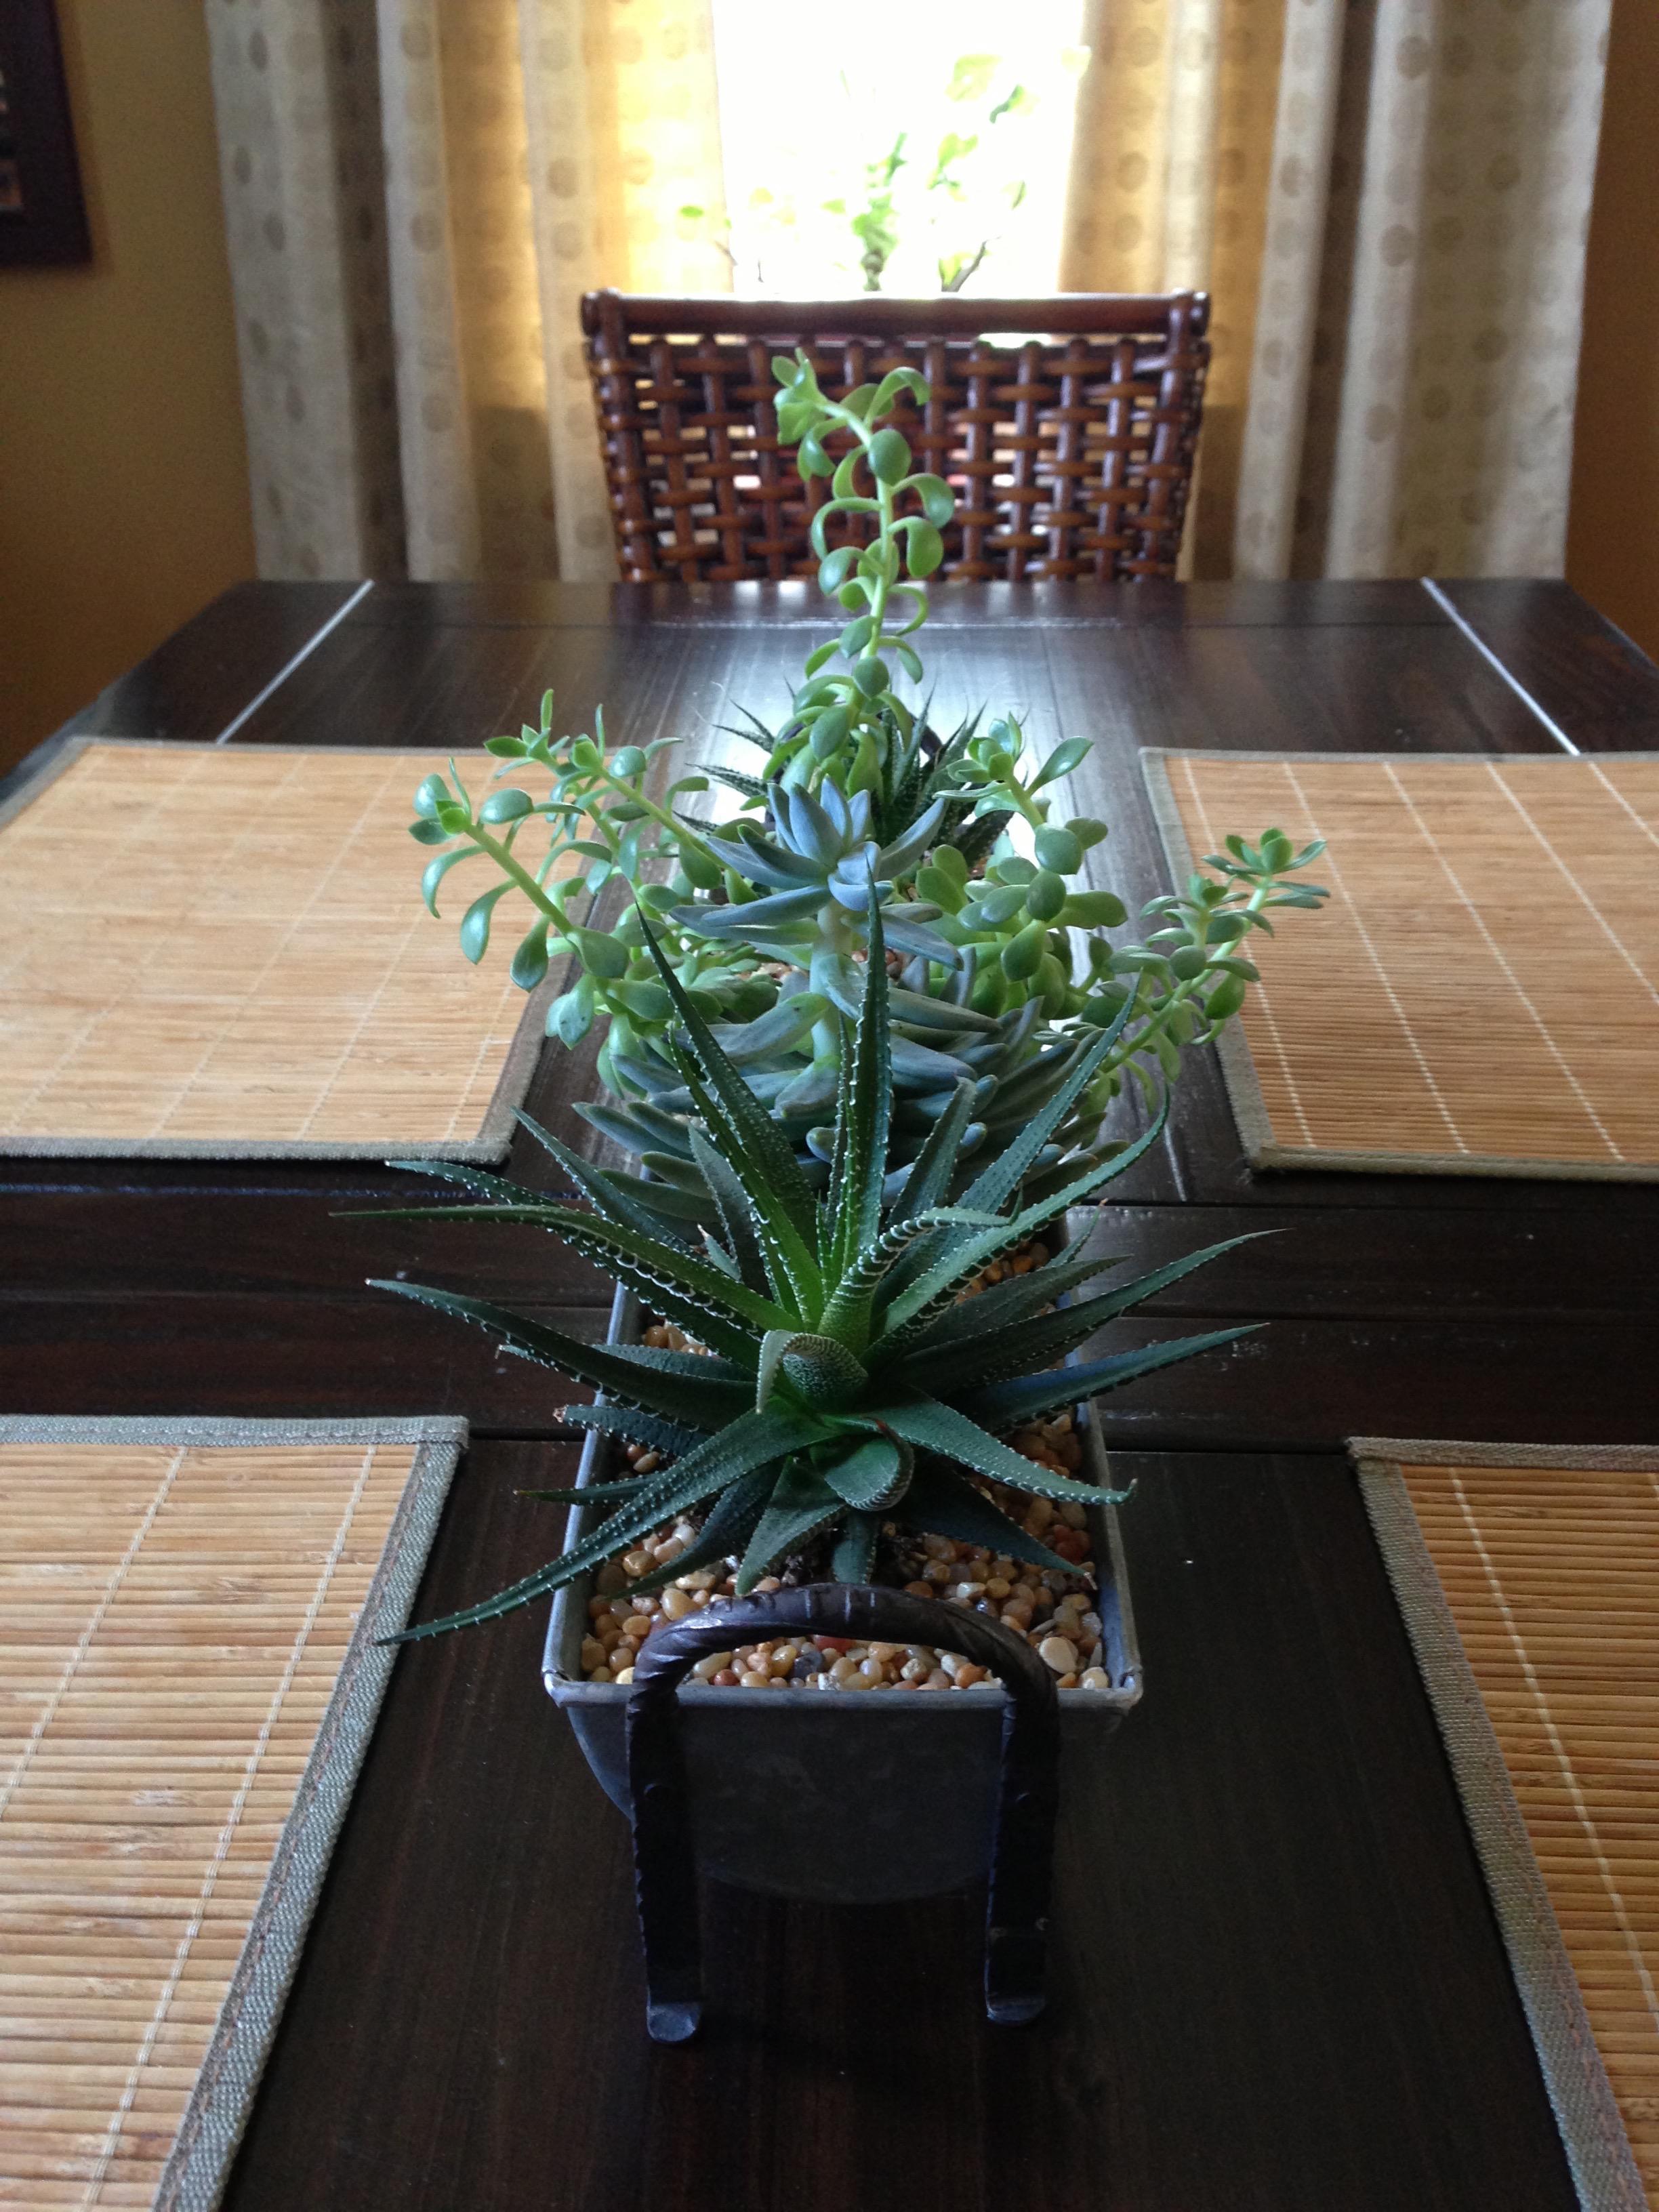 Floral foliage house plants home i love you